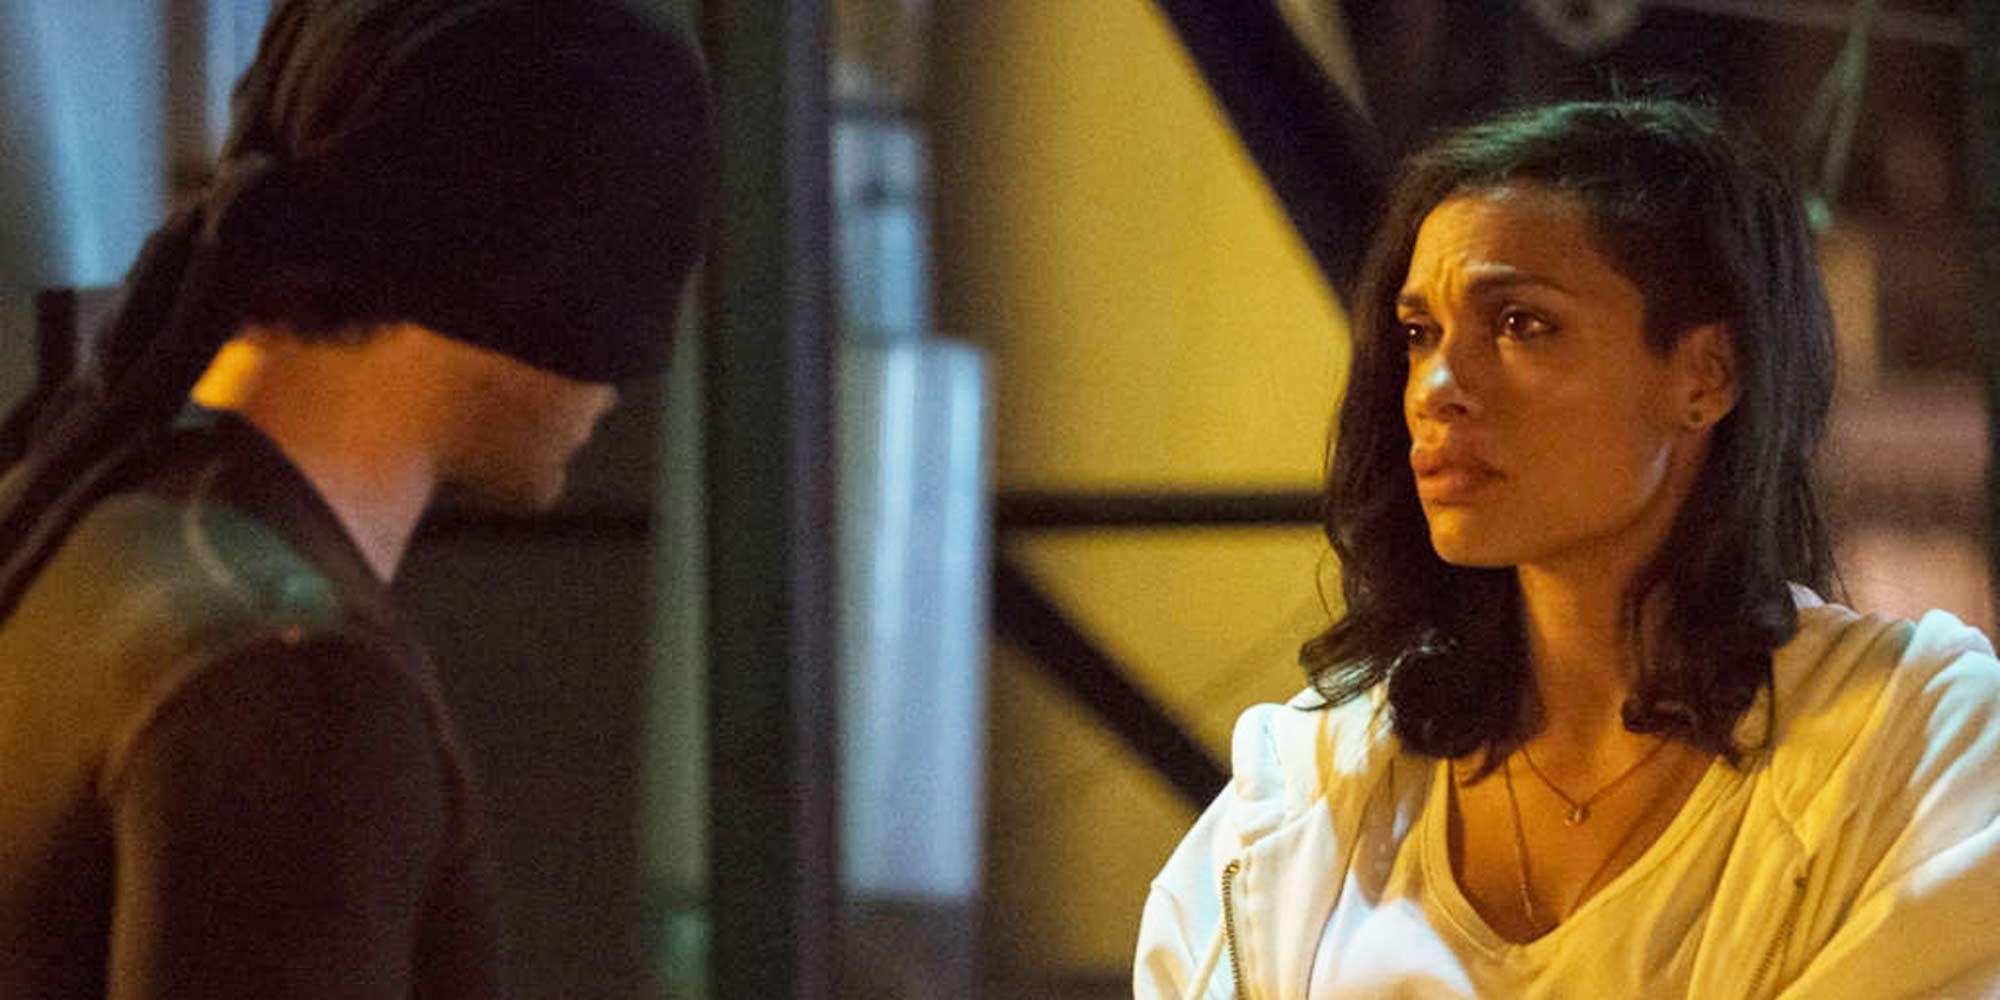 Charlie Cox, Rosario Dawson, Daredevil, Season 1